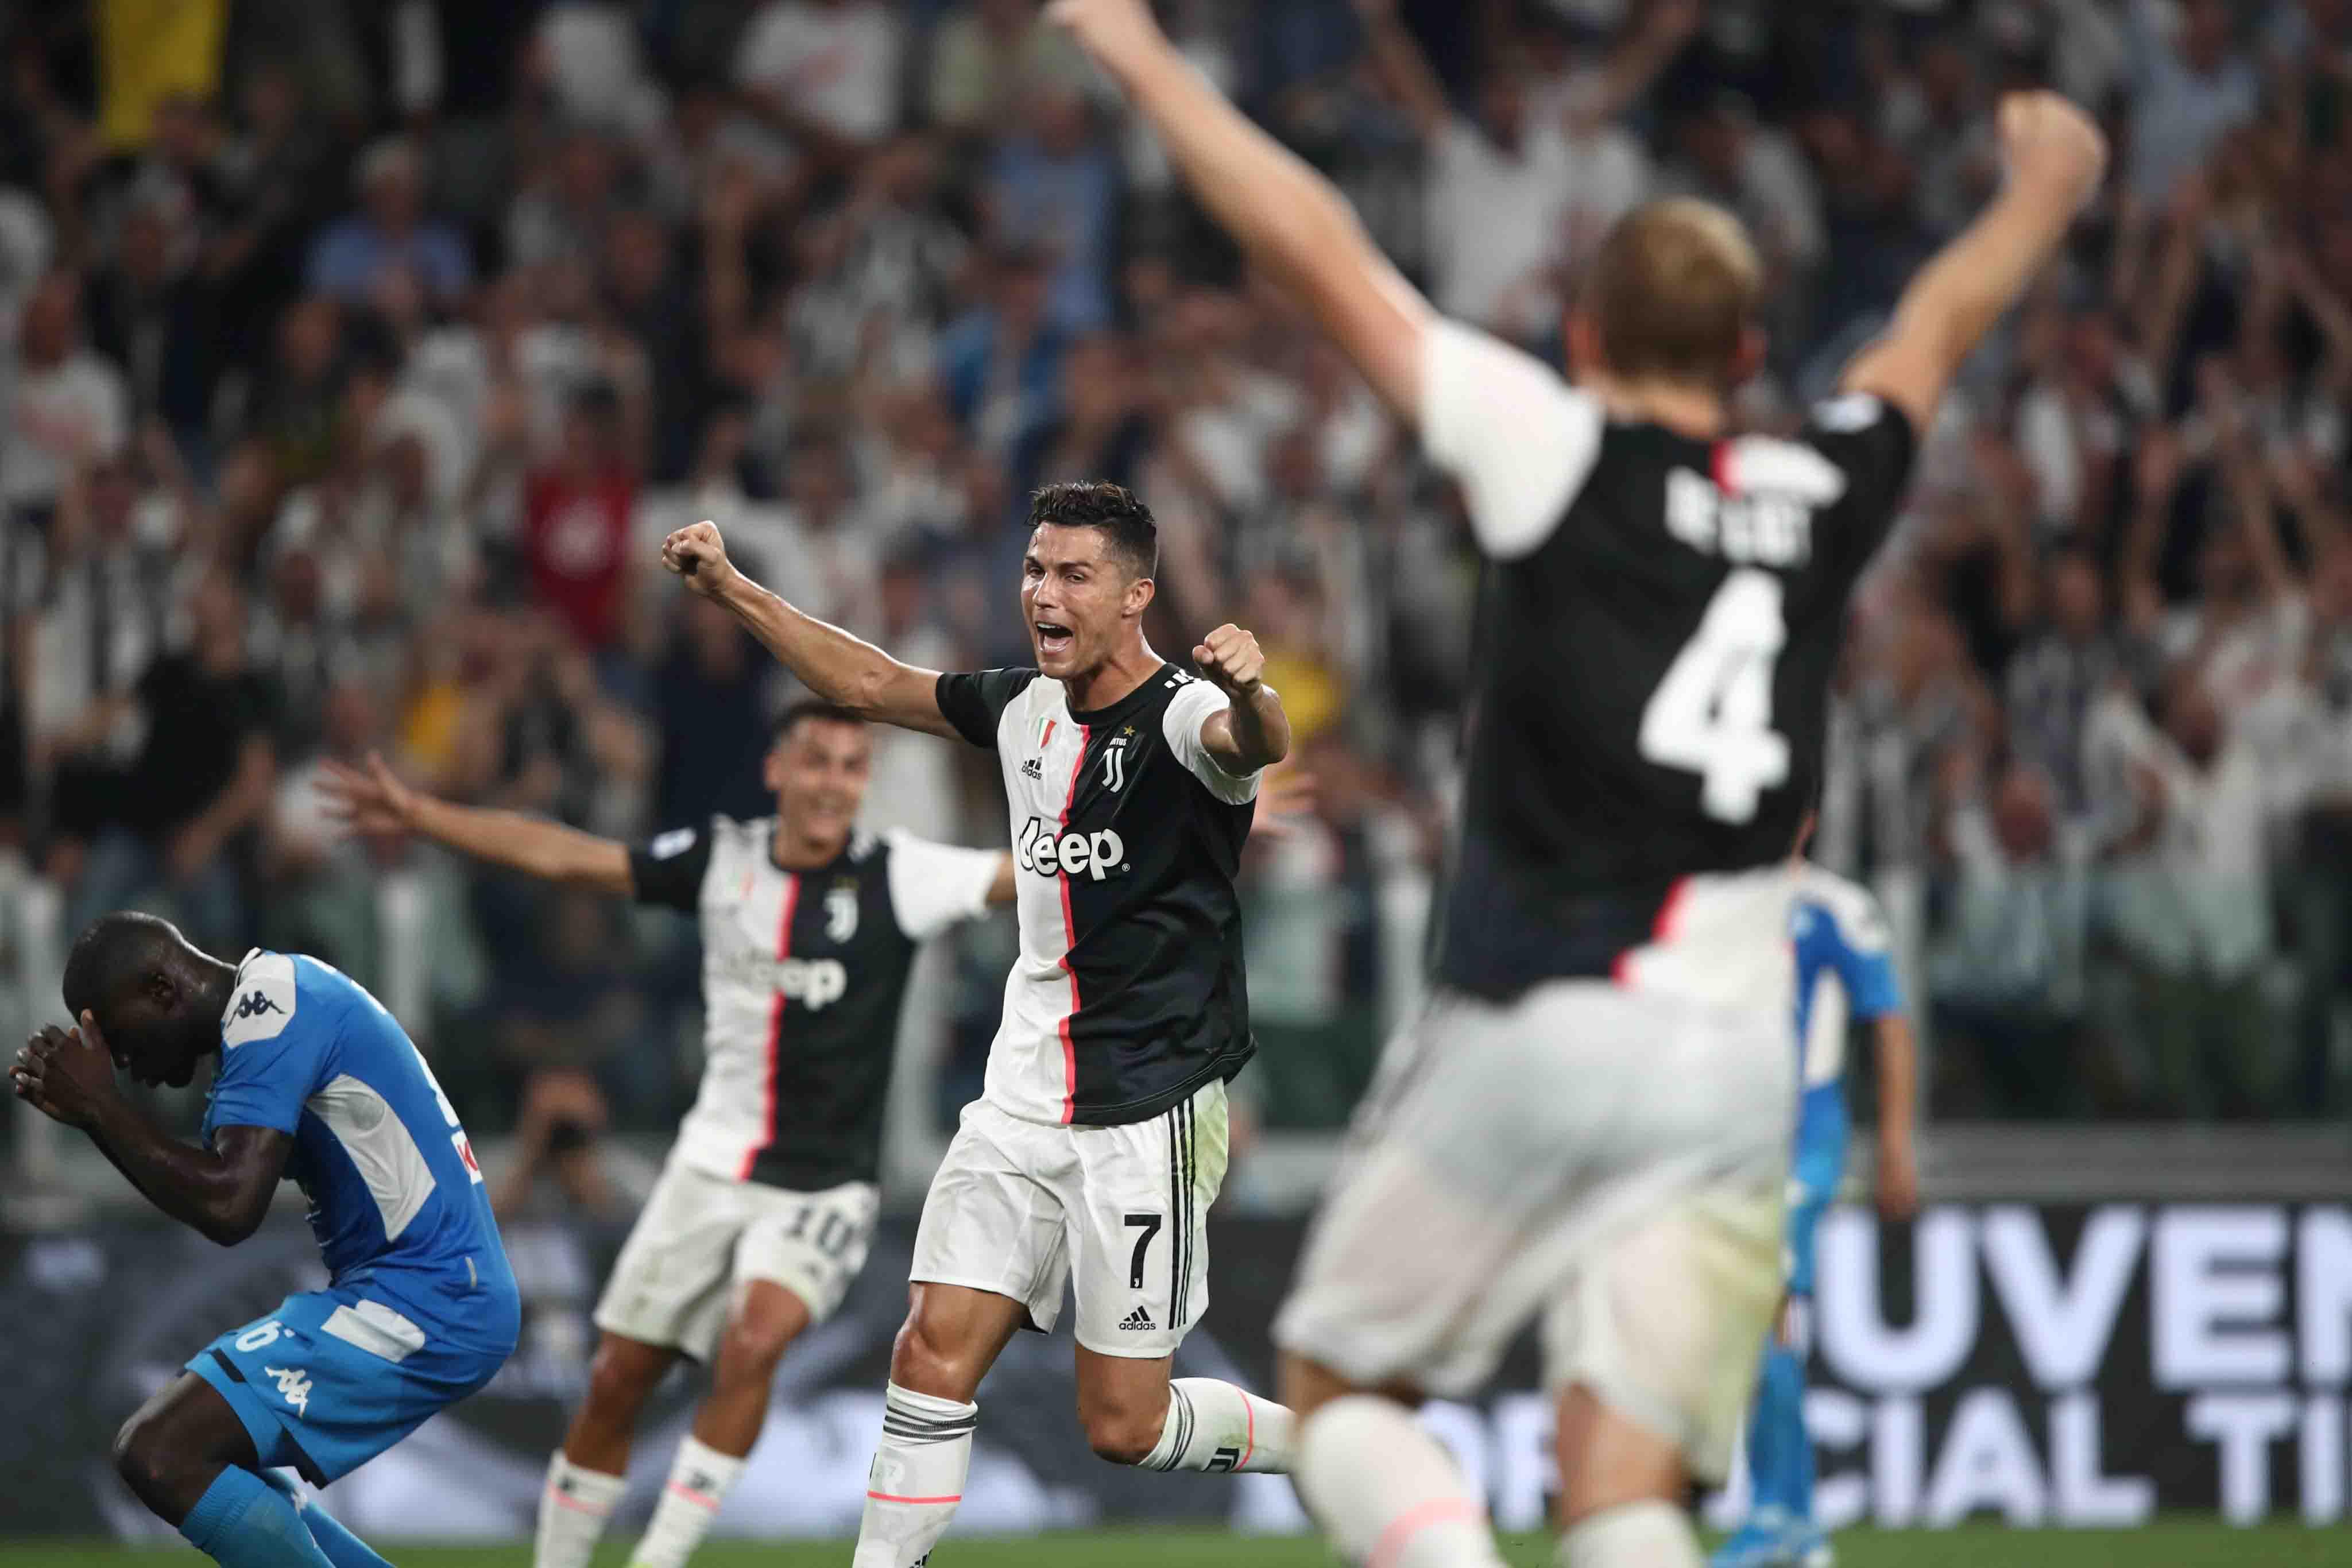 前中场:尤文是意甲最强球队,希望孔蒂齐达内未来顺利